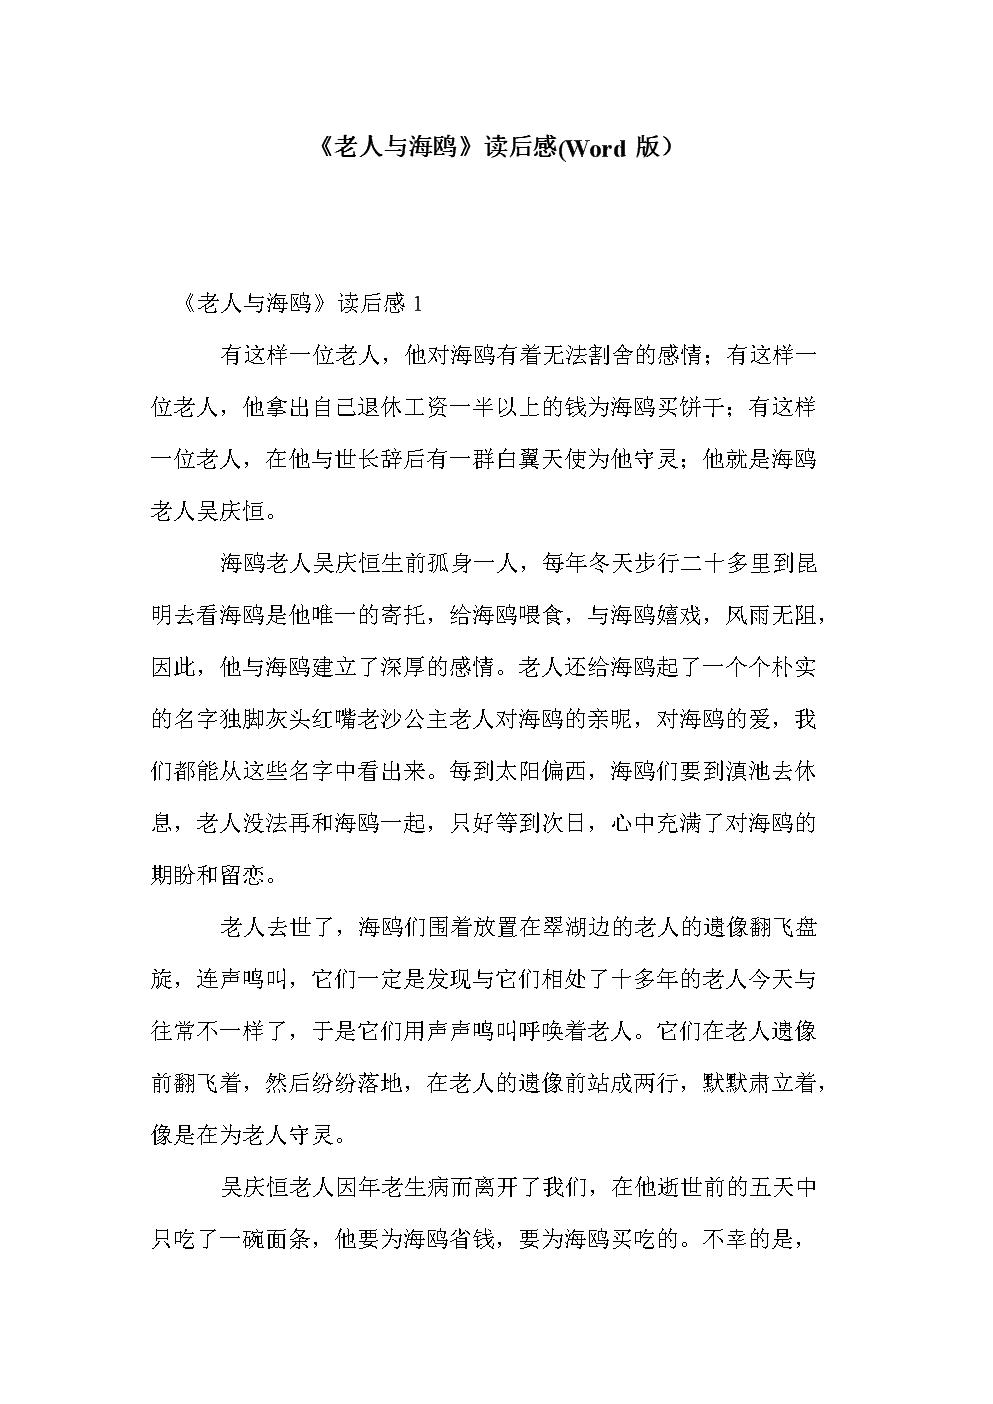 《老人与海鸥》读后感(Word版).doc